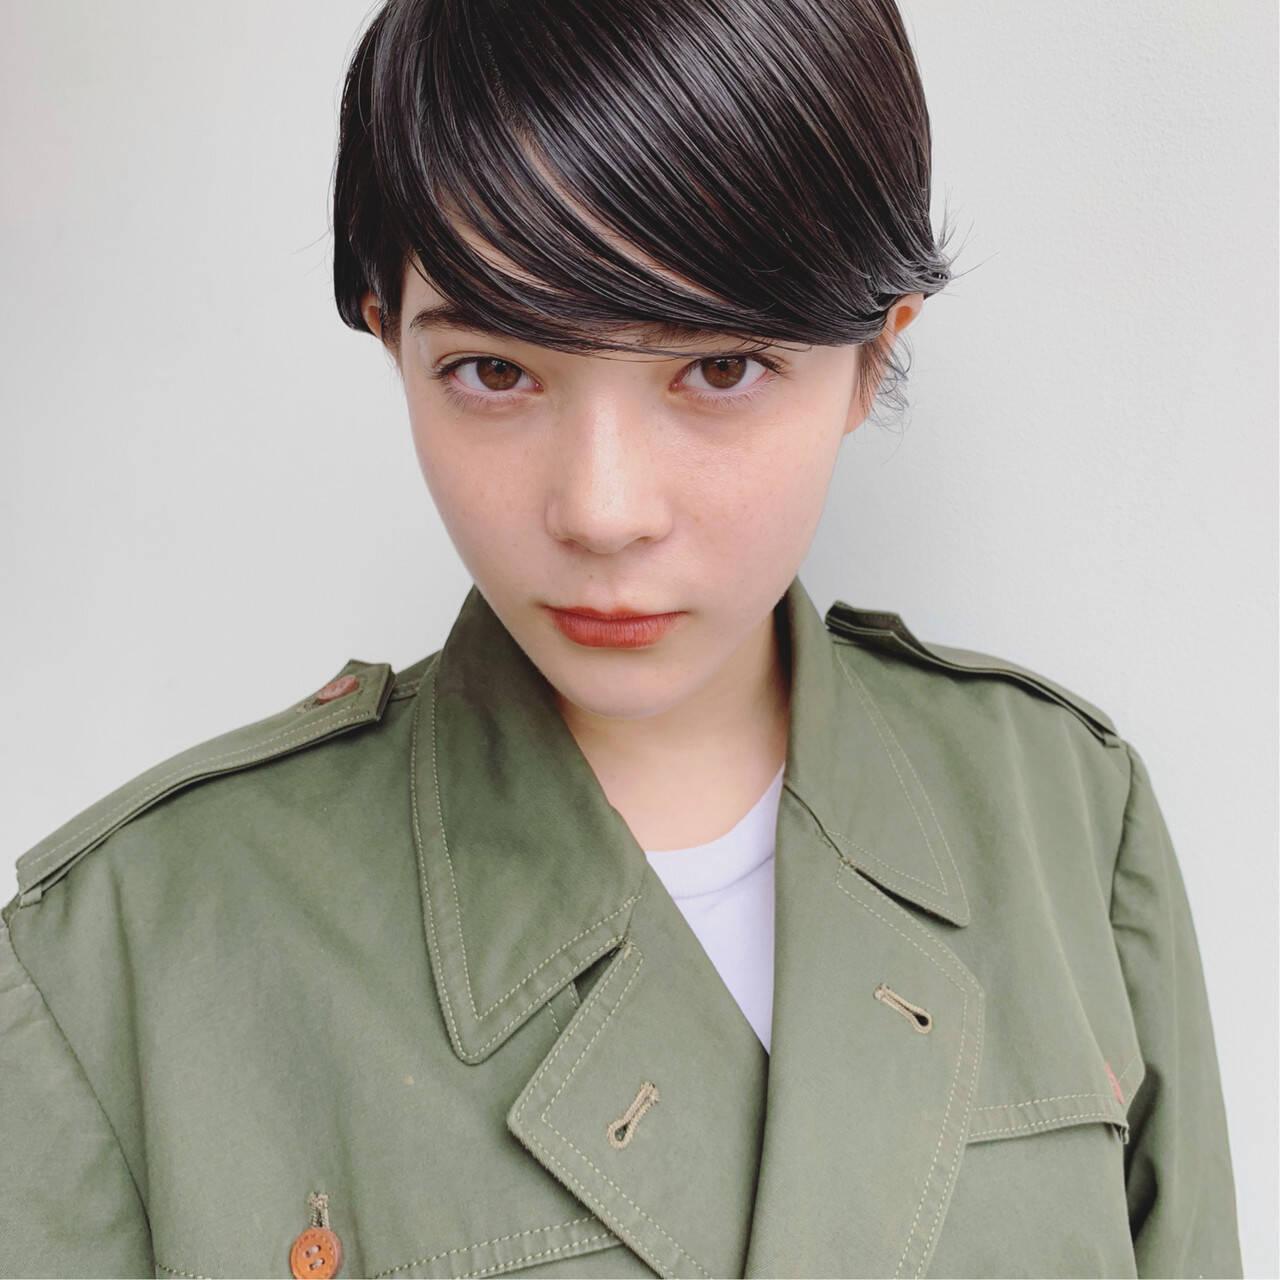 ハイトーン 外国人風 暗髪 大人かわいいヘアスタイルや髪型の写真・画像